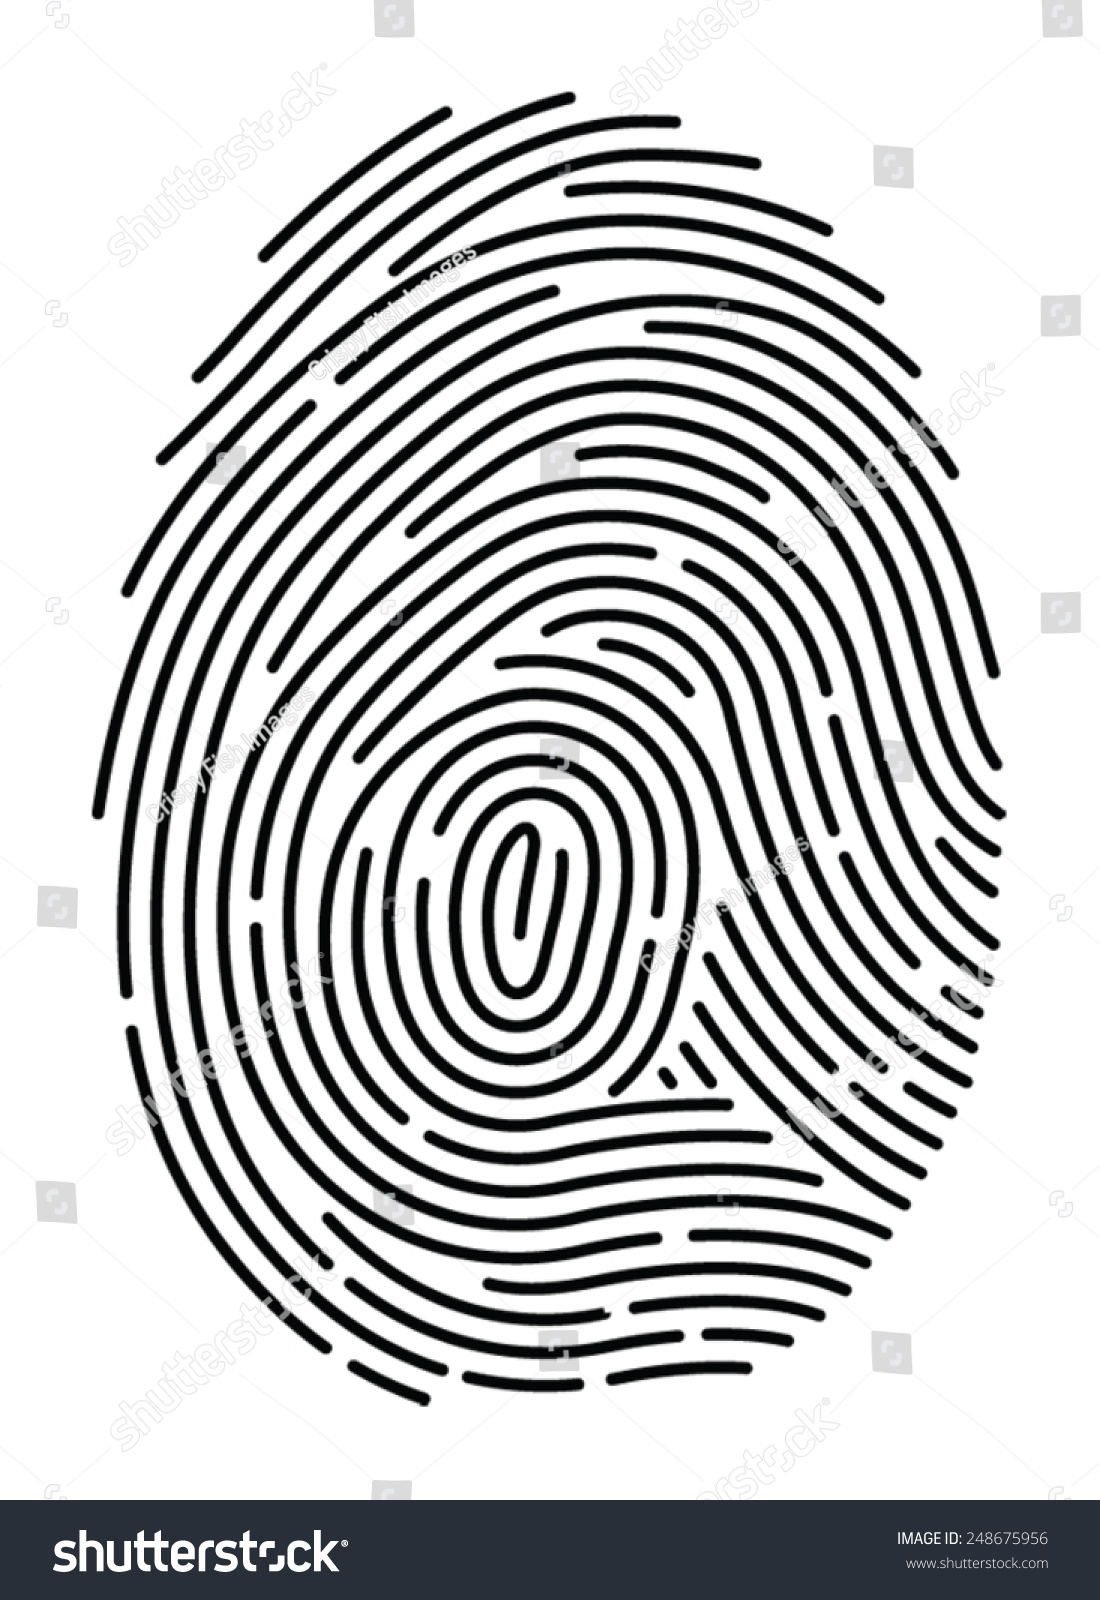 fingerprint template sample - semi simplified fingerprint on white background stock